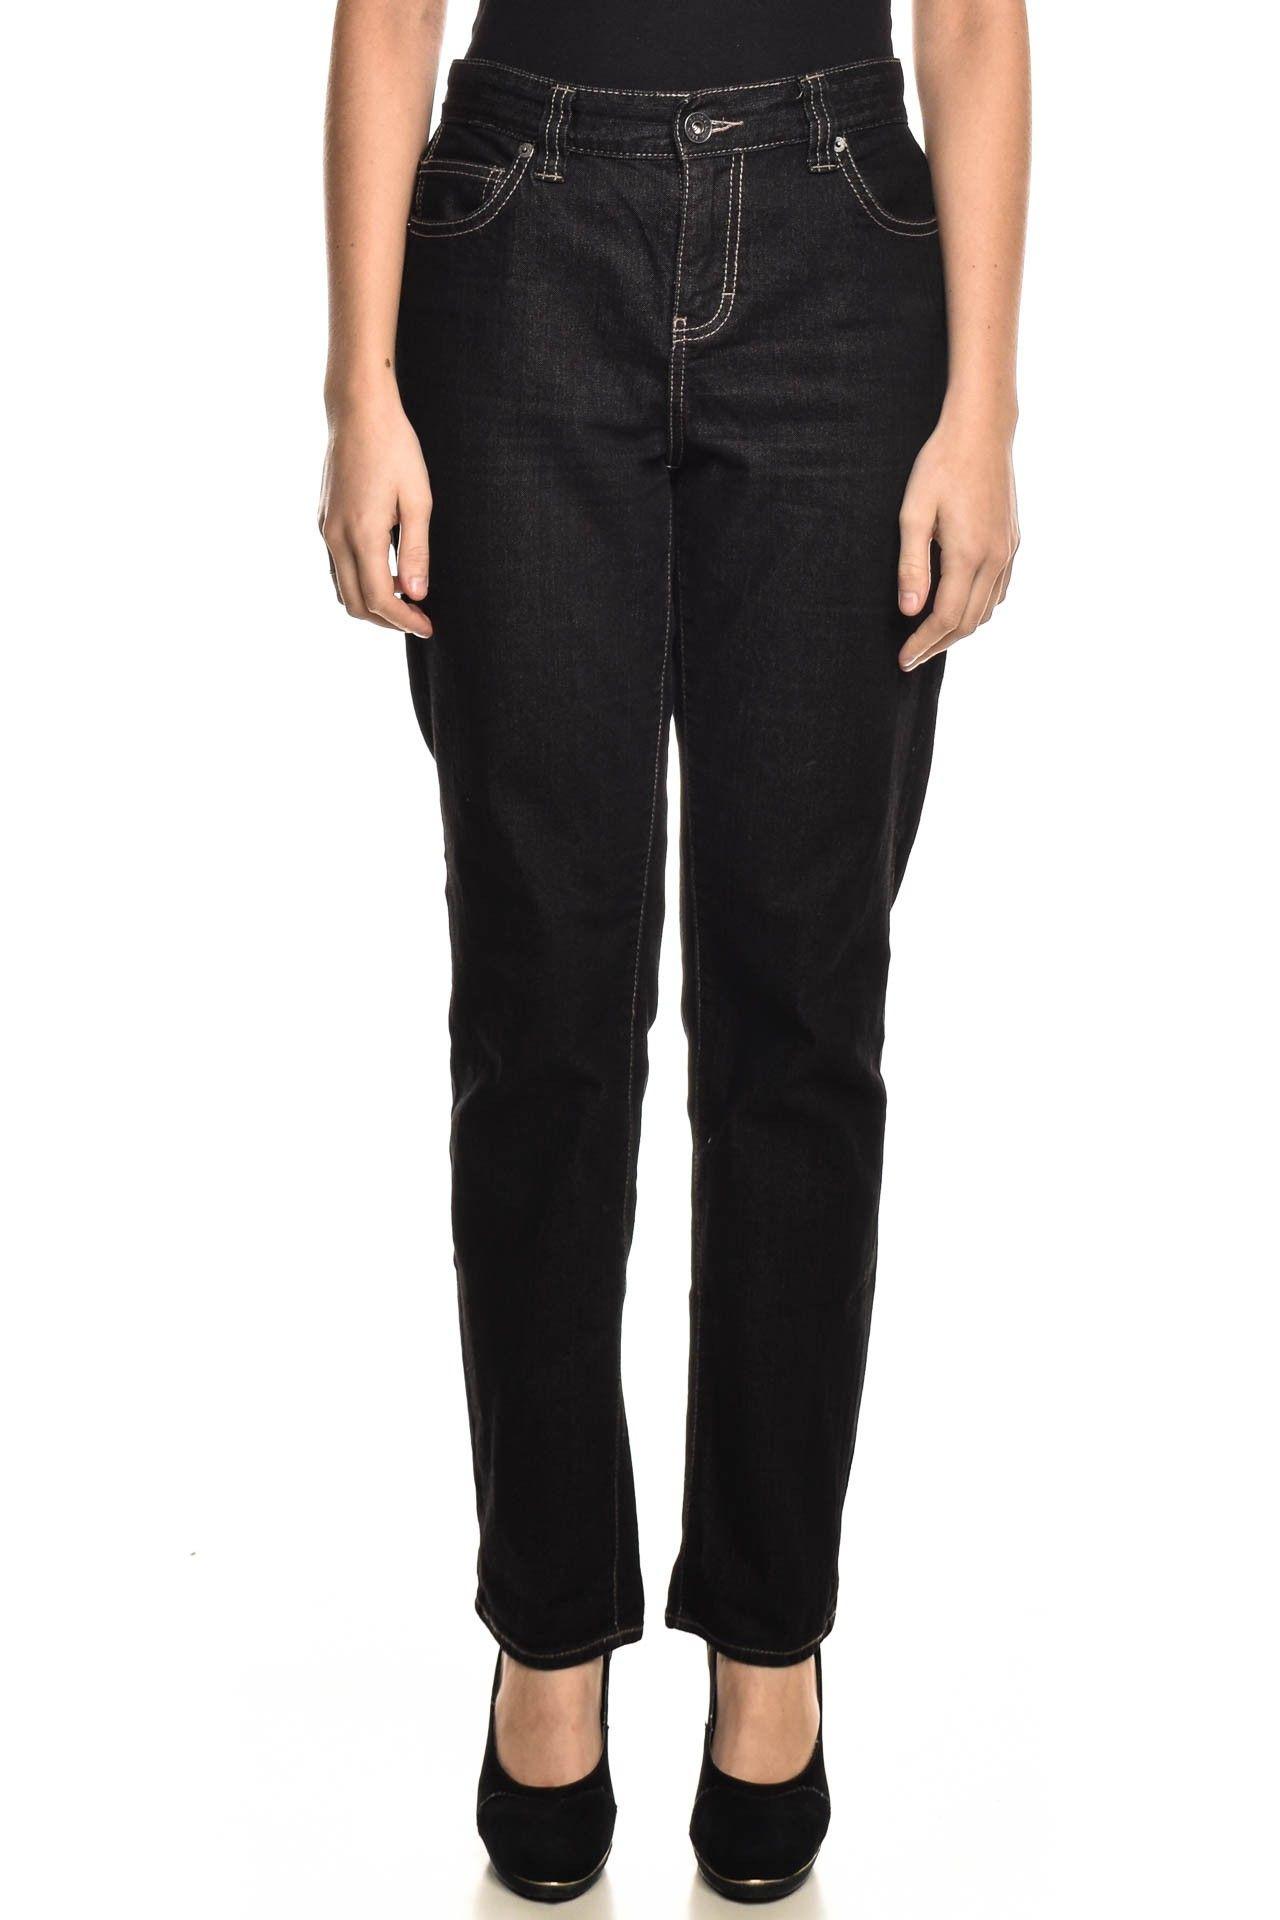 Calvin Klein - Calça Jeans Preta - Foto 1